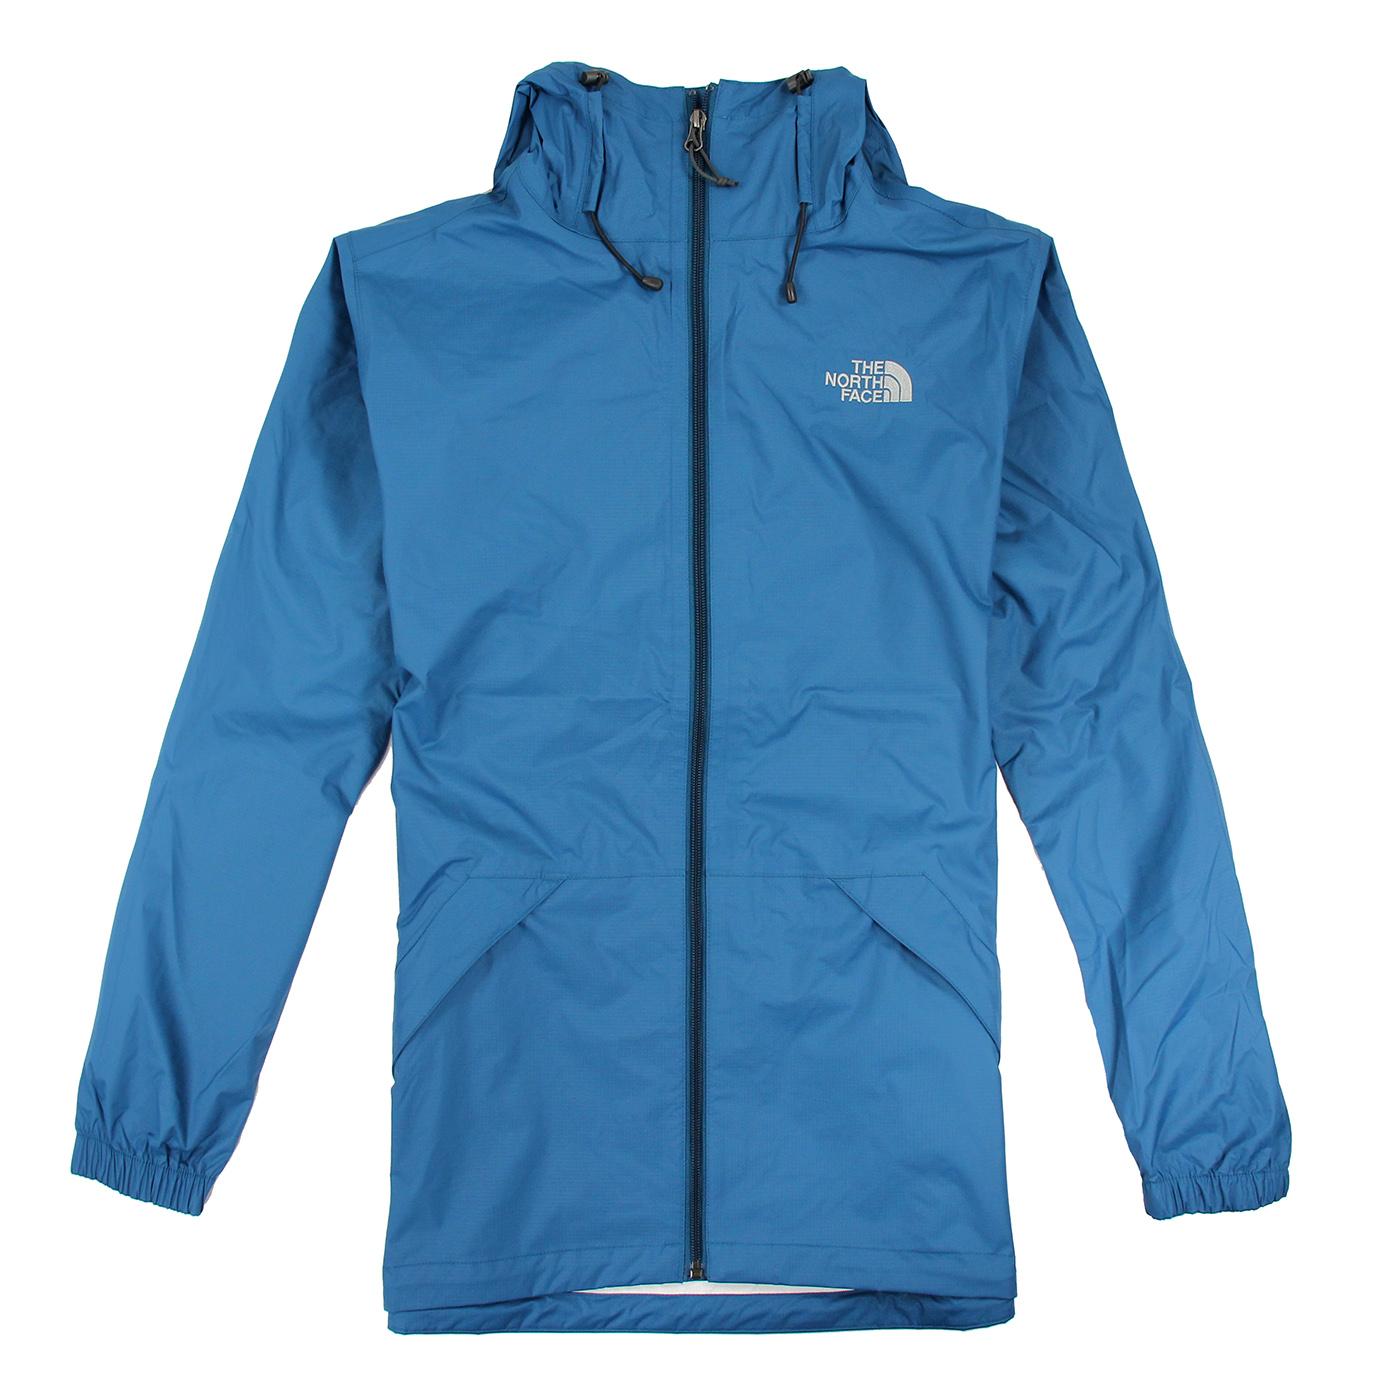 美國百分百【全新真品】The North Face 外套 TNF 北臉 防雨 多功能 防風 防水 青藍色 S E415